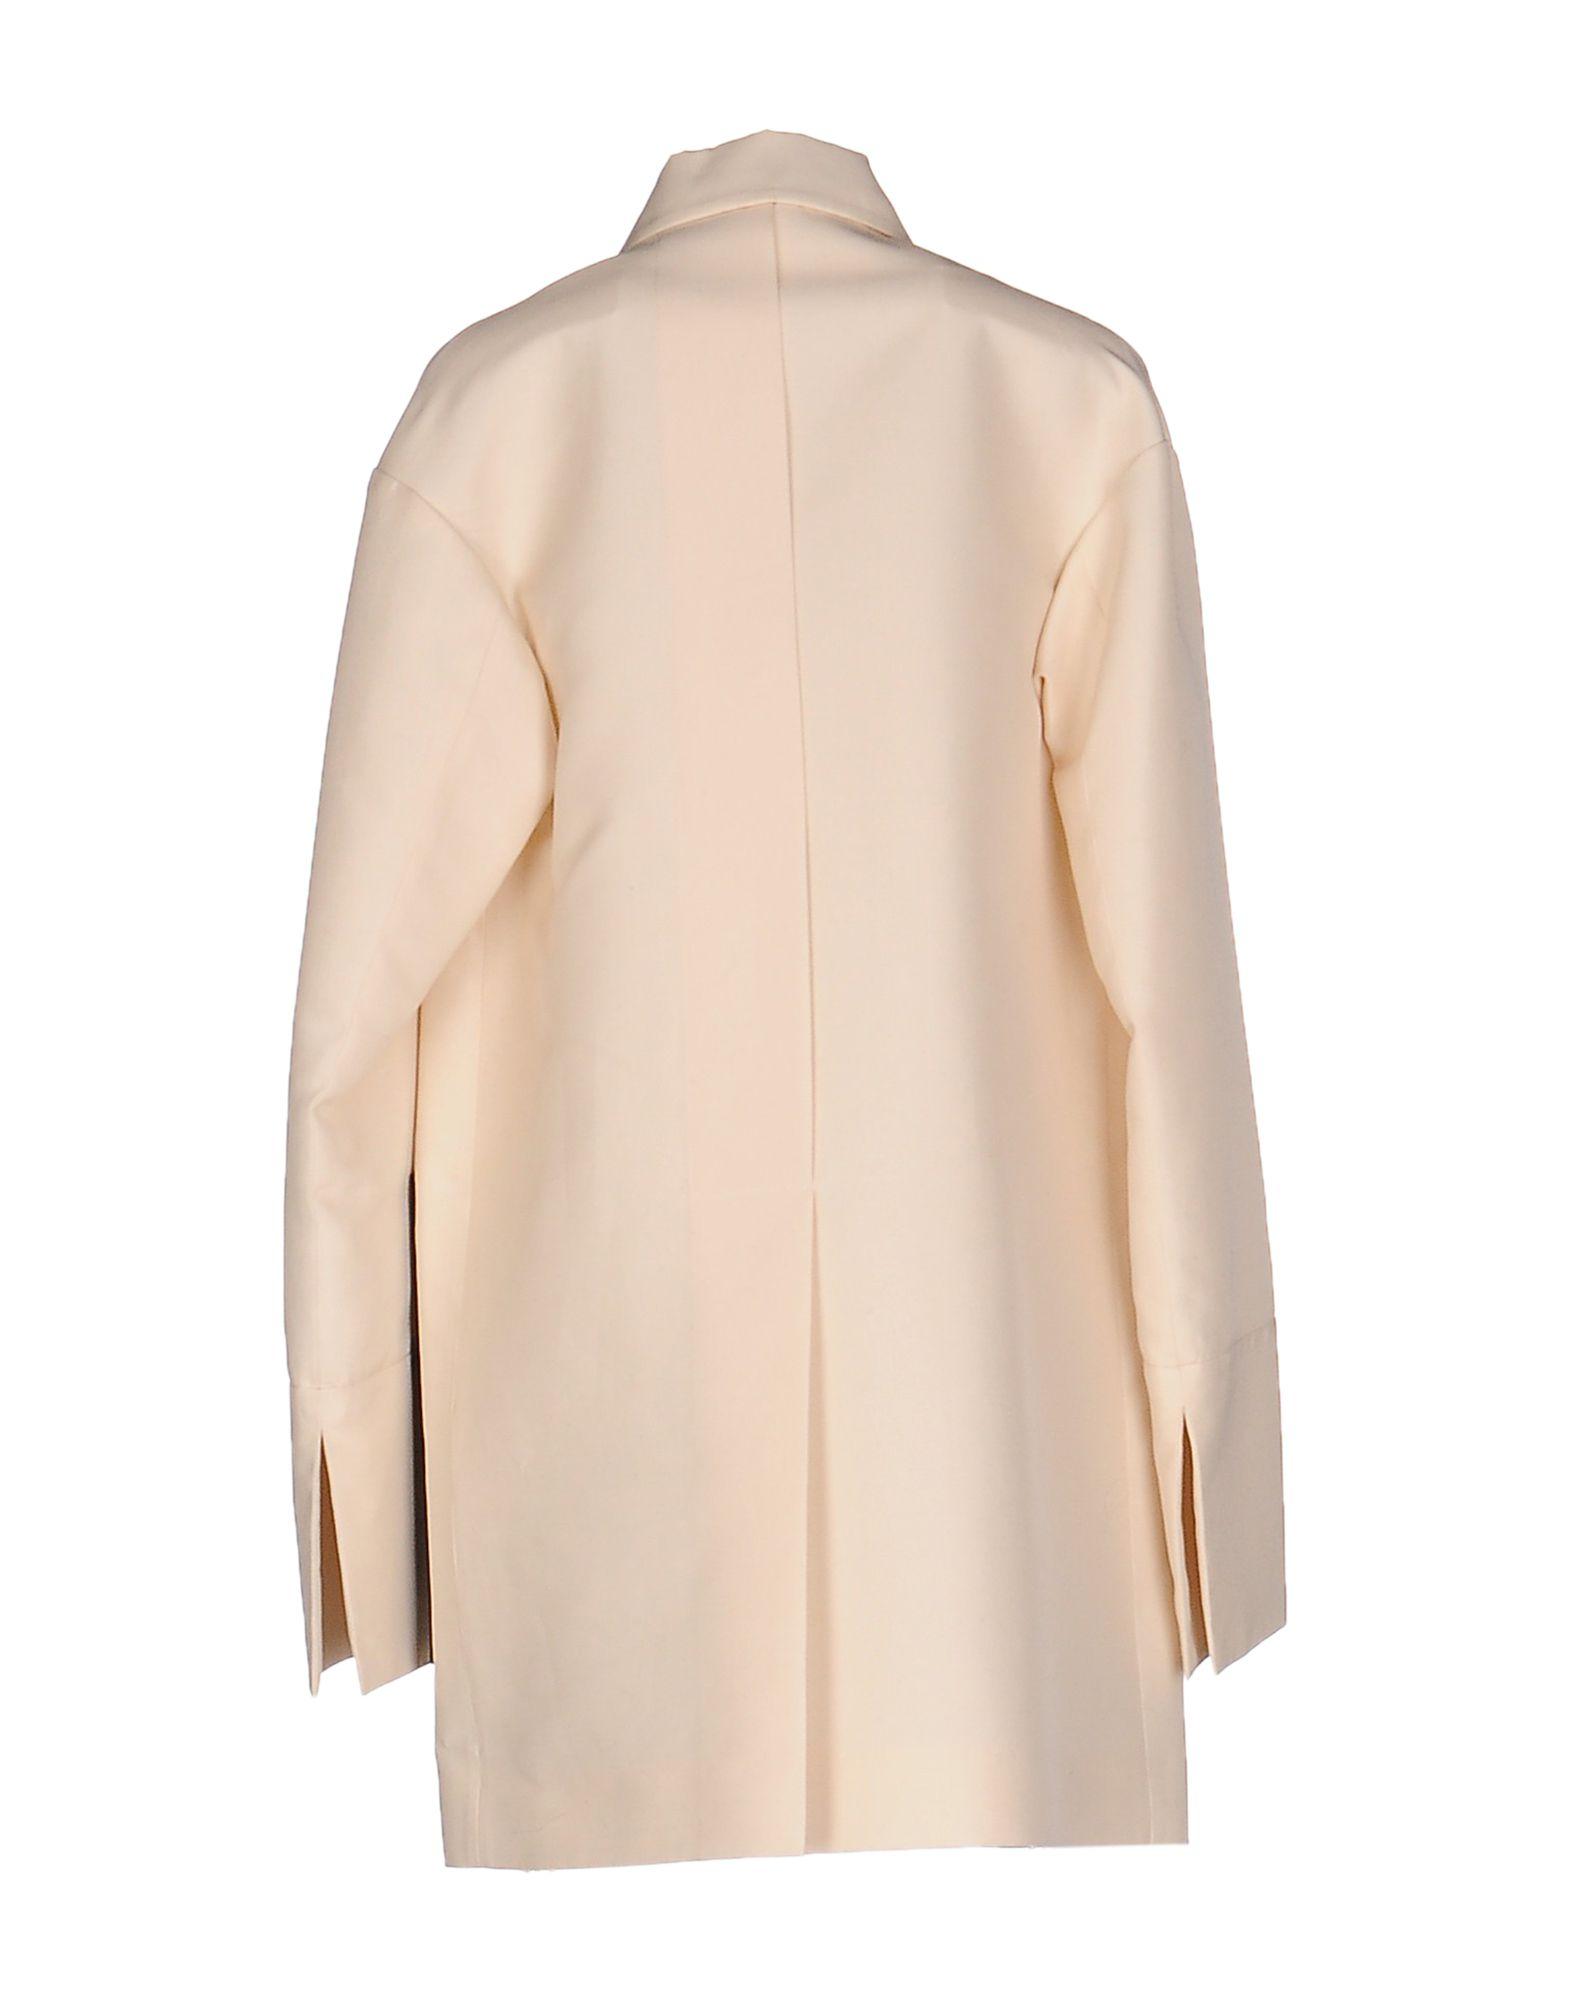 Marni coats 2